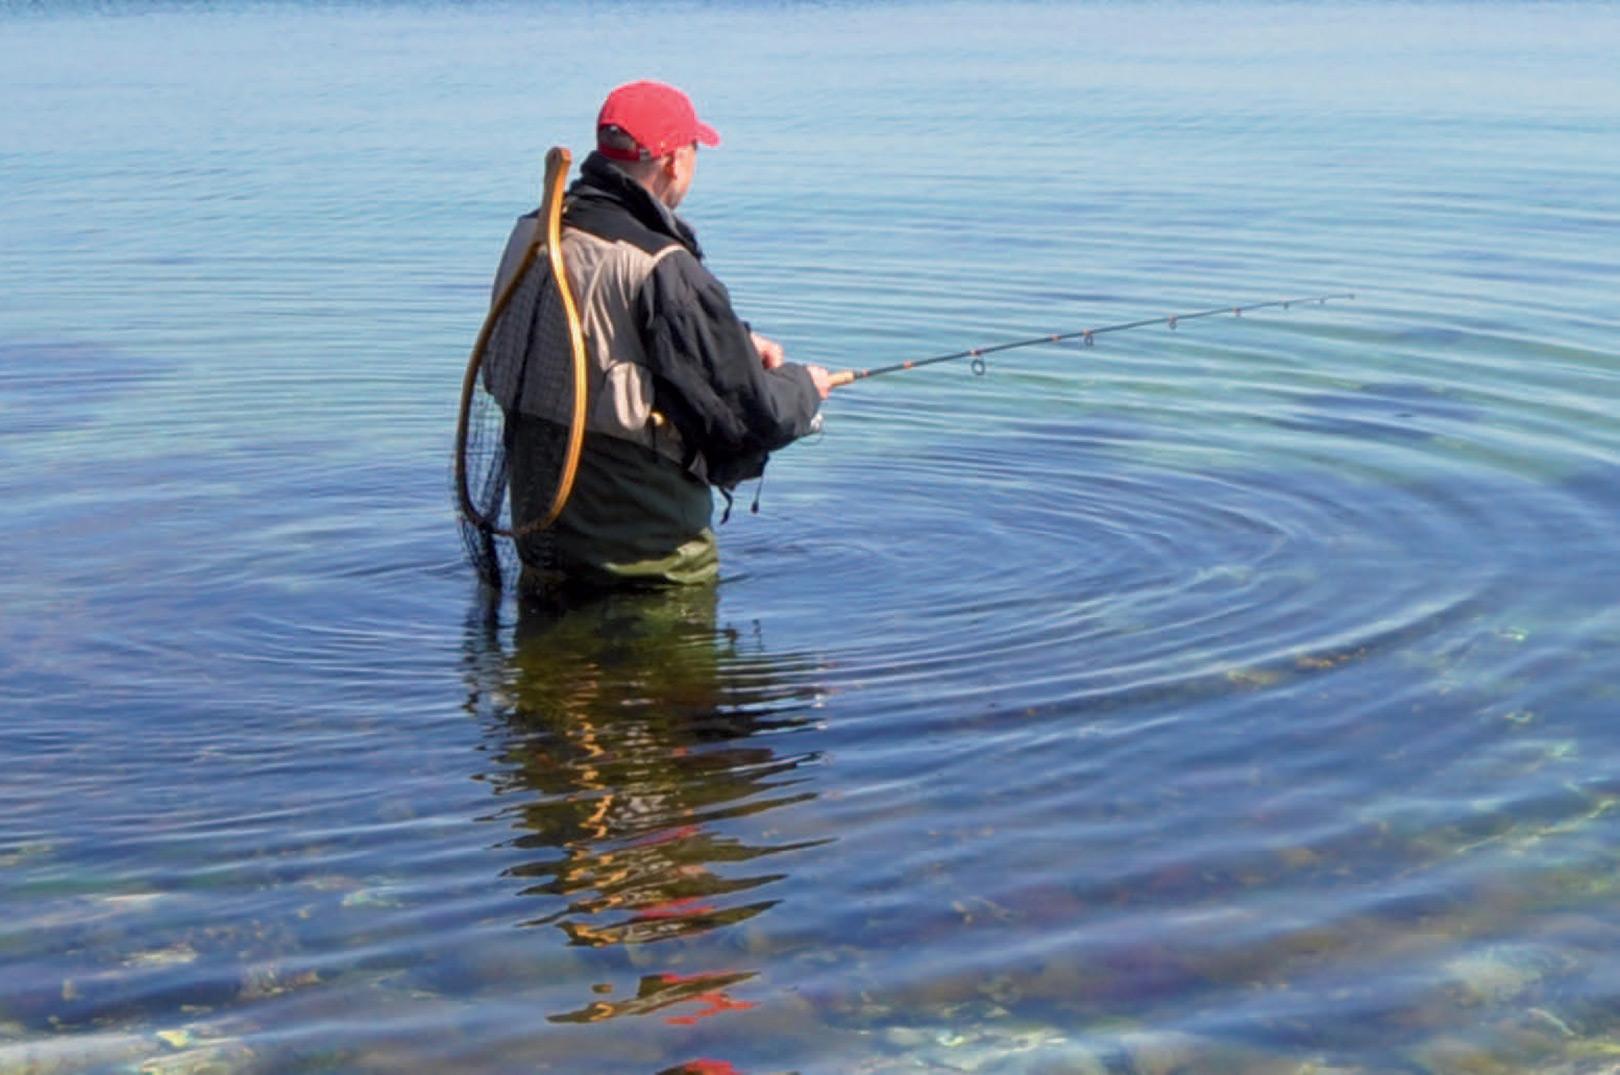 Fiskeri efter hornfisk er både sjovt og underholdende